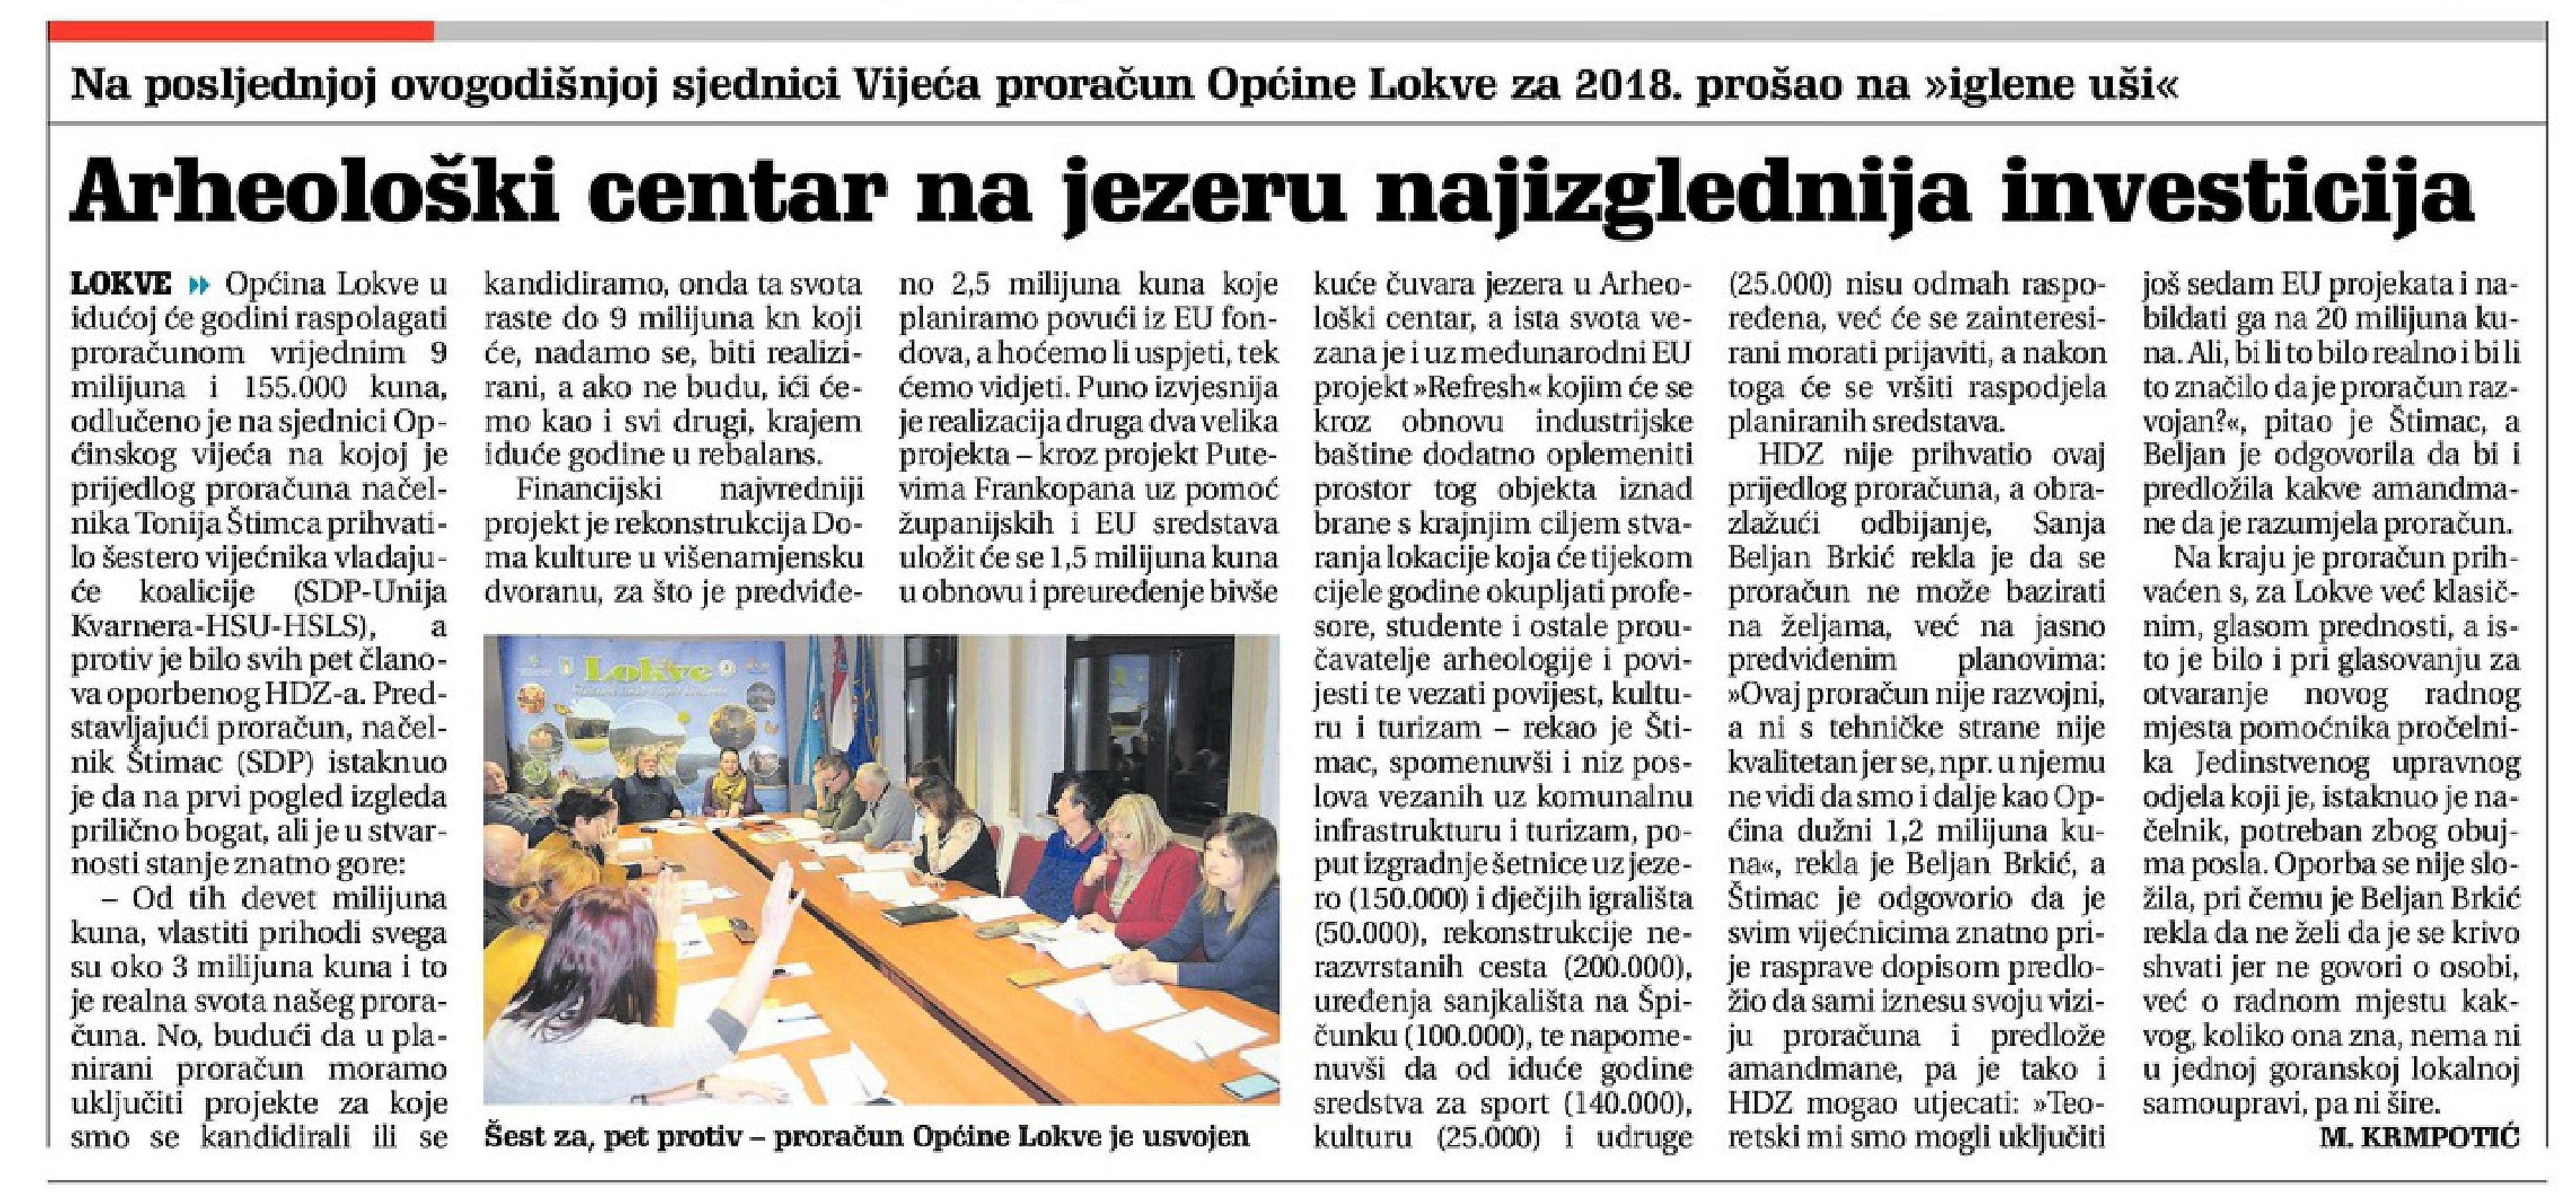 Novi list 23.12.2017 Proračun